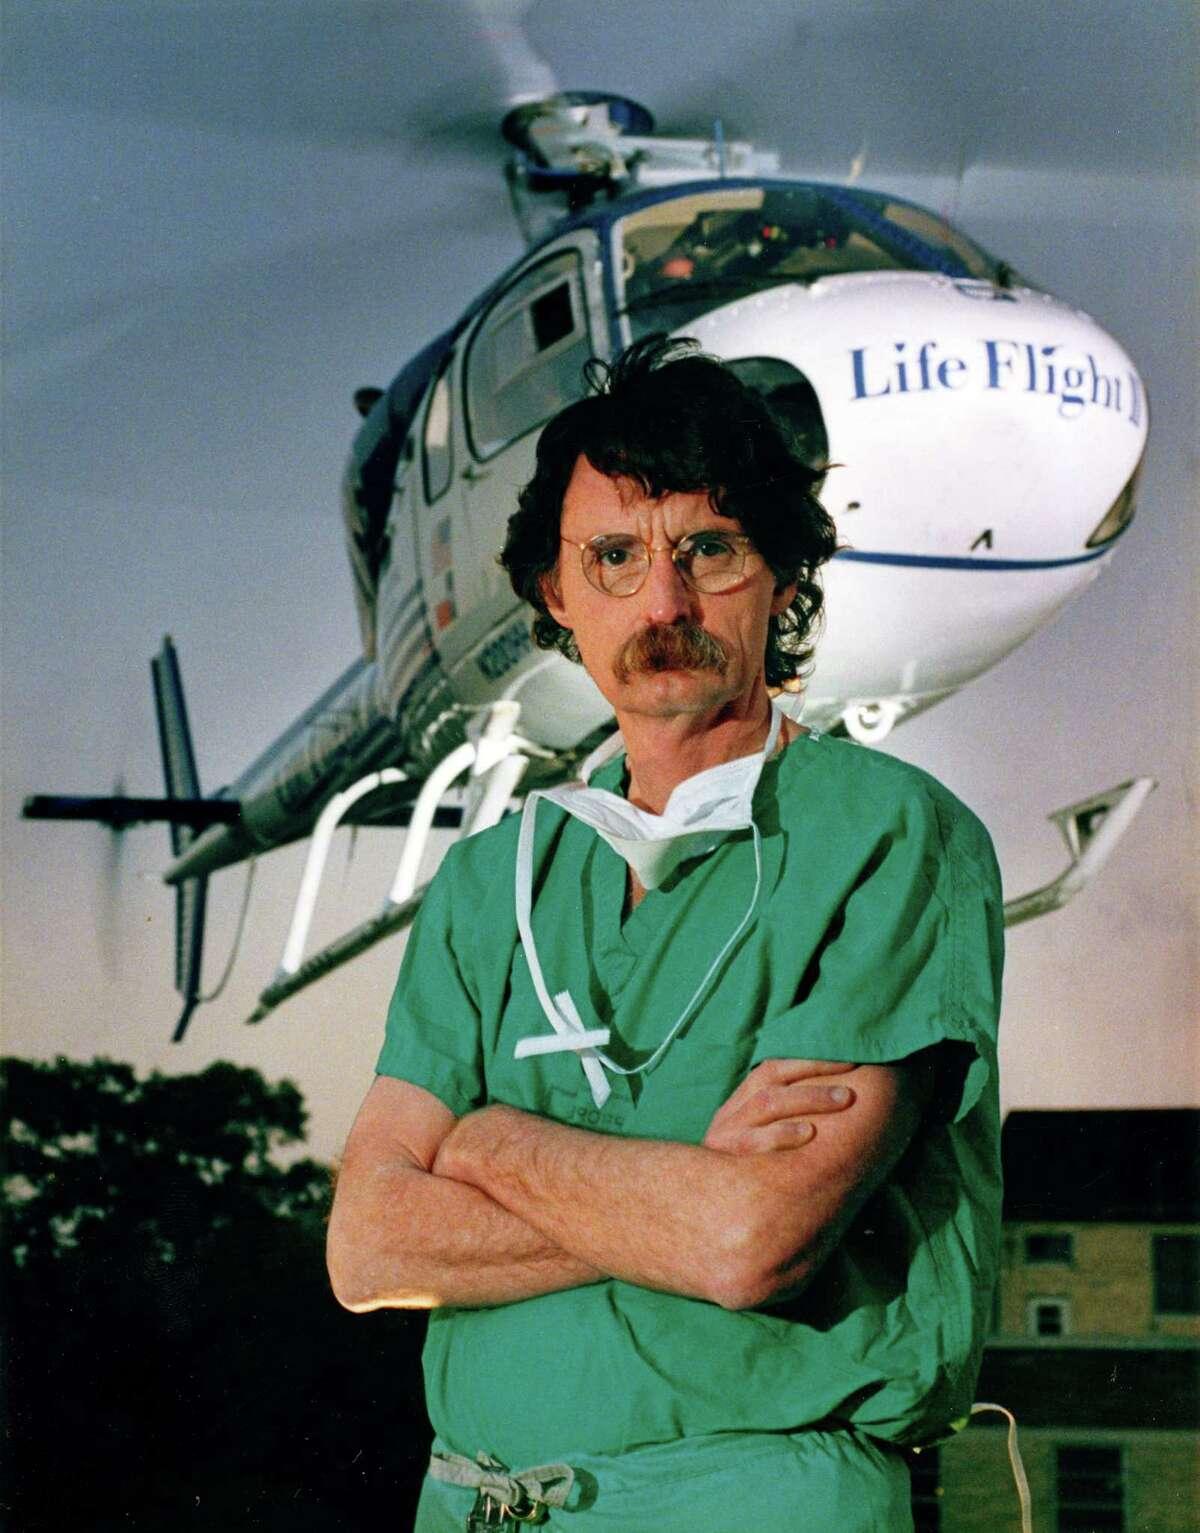 October 1986: Dr. James